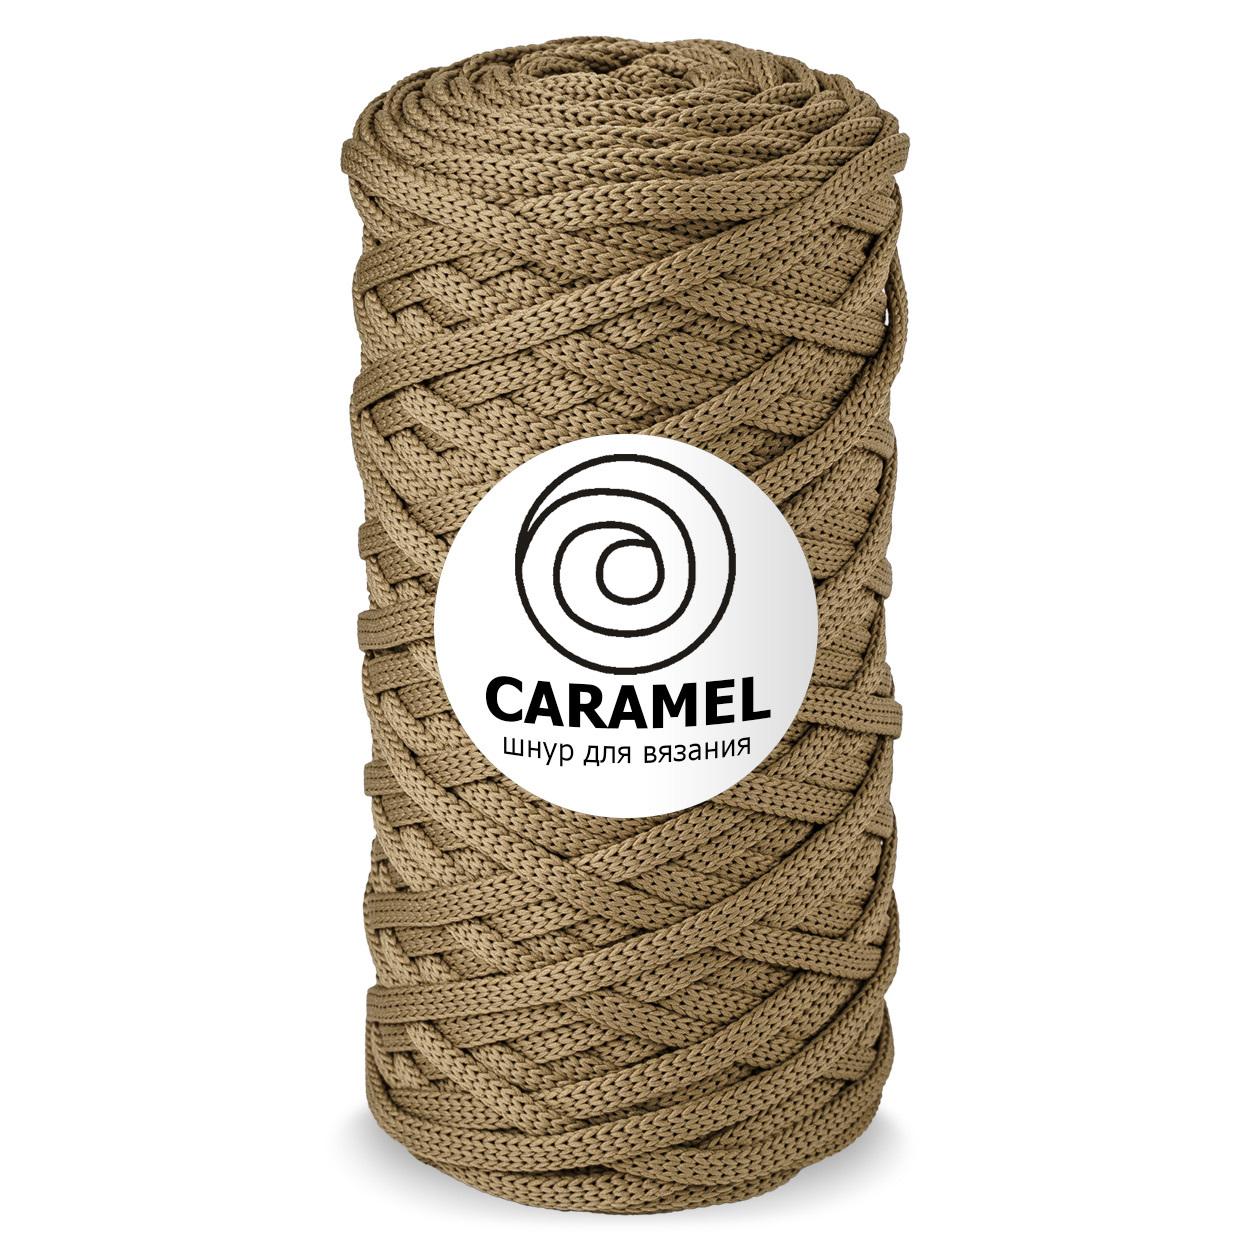 Плоский полиэфирный шнур Caramel Полиэфирный шнур Caramel Мускат new_image.jpeg